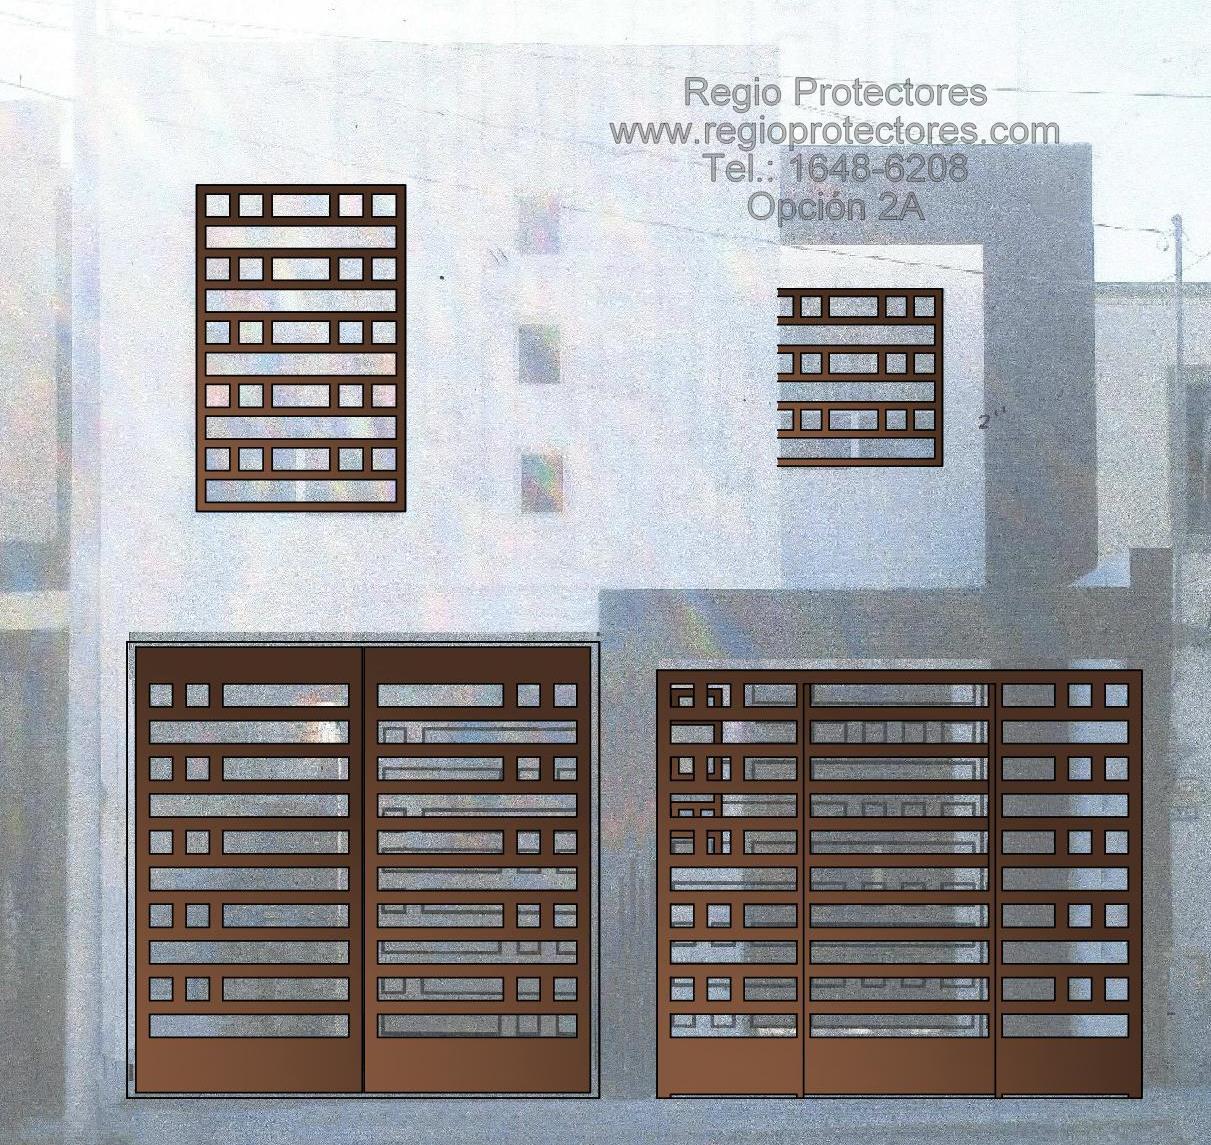 Portón abatible y rejas, Fracc. Paseo de las Palmas, Foto montaje